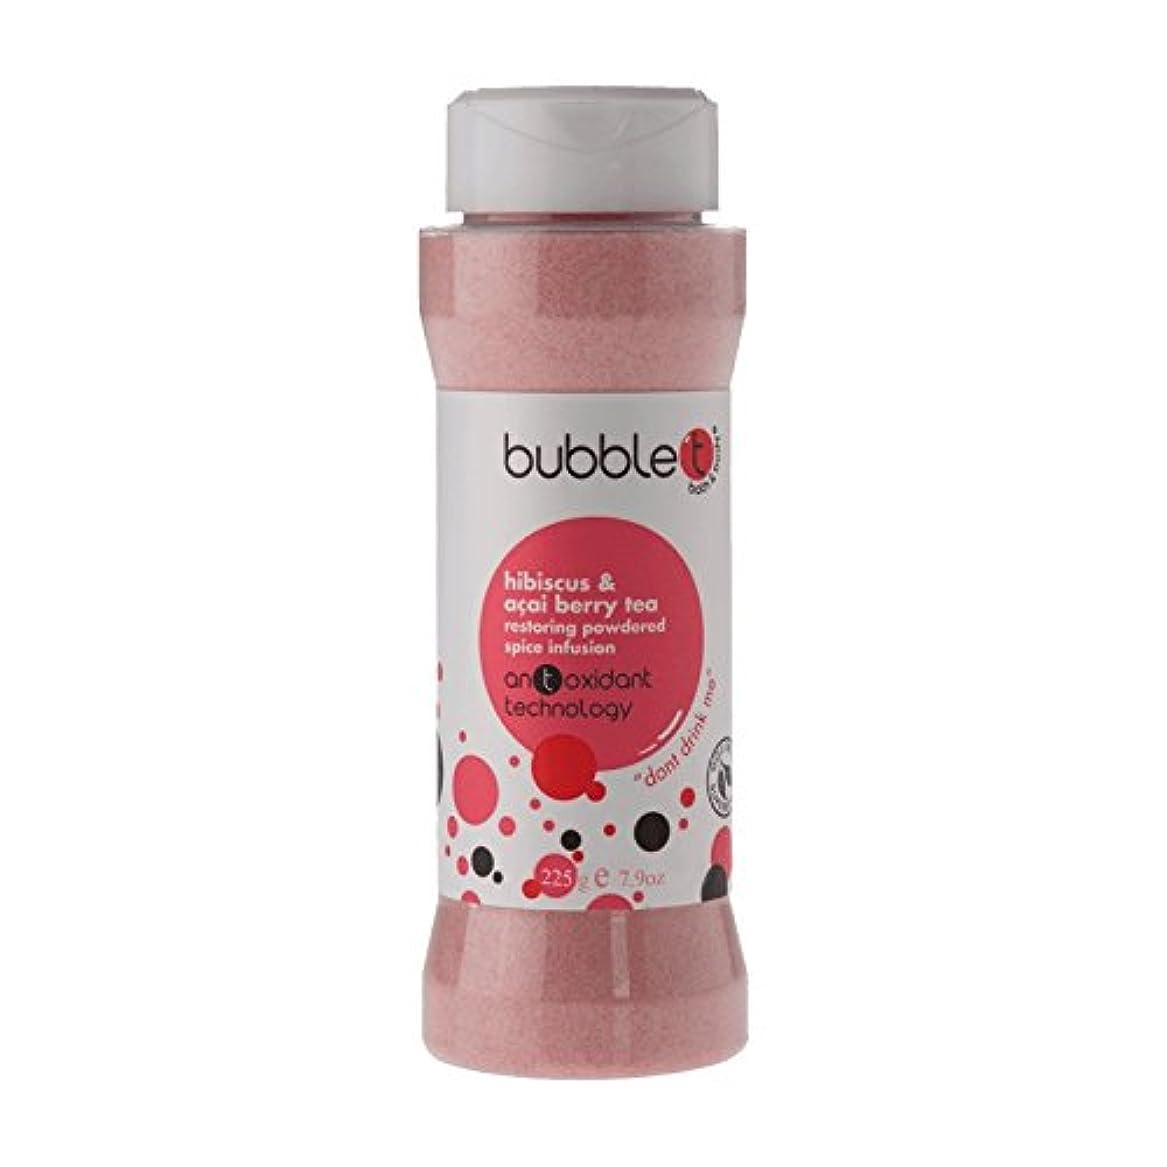 外向きエコークスクスBubble T Bath Spice Infusion Hibiscus & Acai Berry Tea 225g (Pack of 2) - バブルトン風呂スパイス注入ハイビスカス&アサイベリー茶225グラム (x2...